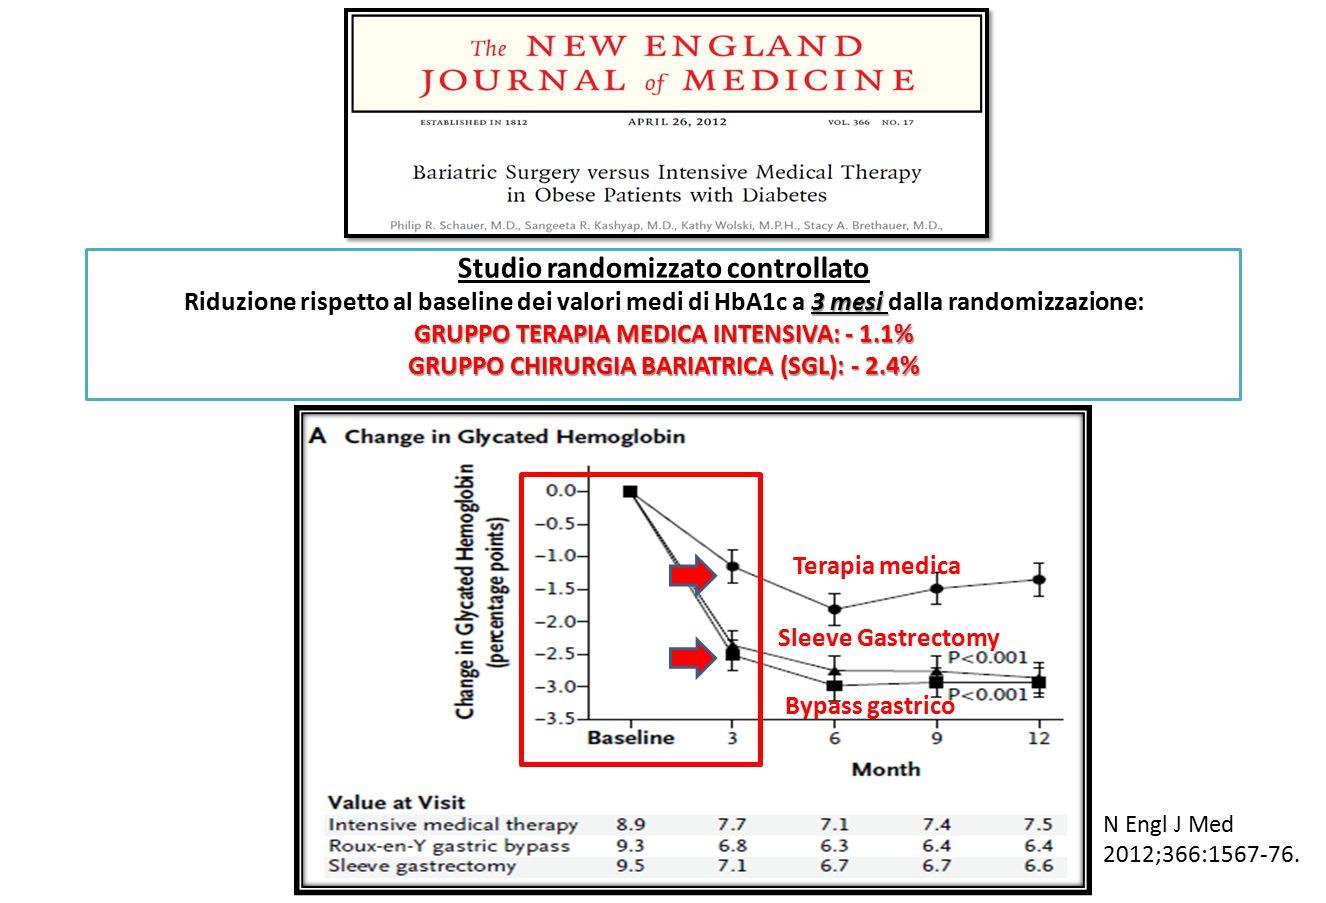 Studio randomizzato controllato 3 mesi Riduzione rispetto al baseline dei valori medi di HbA1c a 3 mesi dalla randomizzazione: GRUPPO TERAPIA MEDICA INTENSIVA: - 1.1% GRUPPO CHIRURGIA BARIATRICA (SGL): - 2.4% N Engl J Med 2012;366:1567-76.